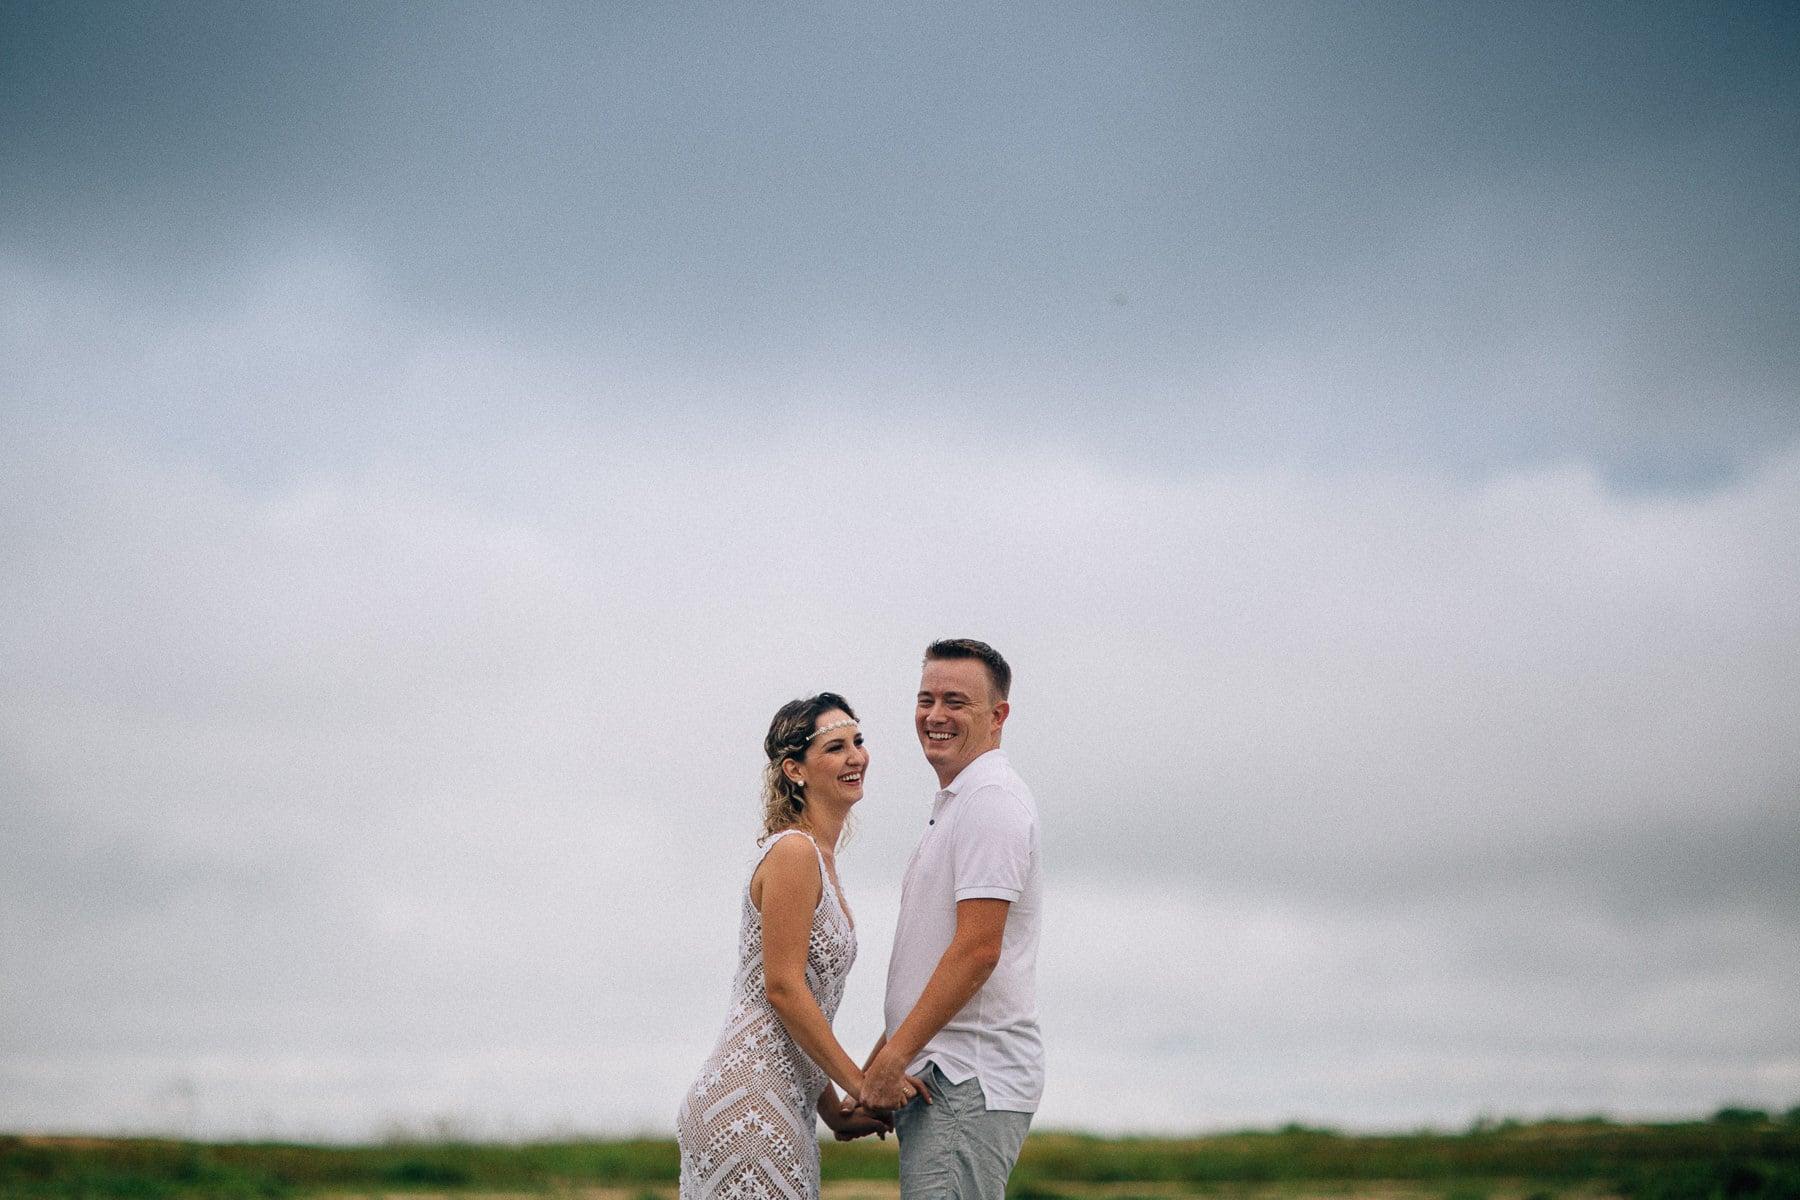 fotos de casal em dia nublado